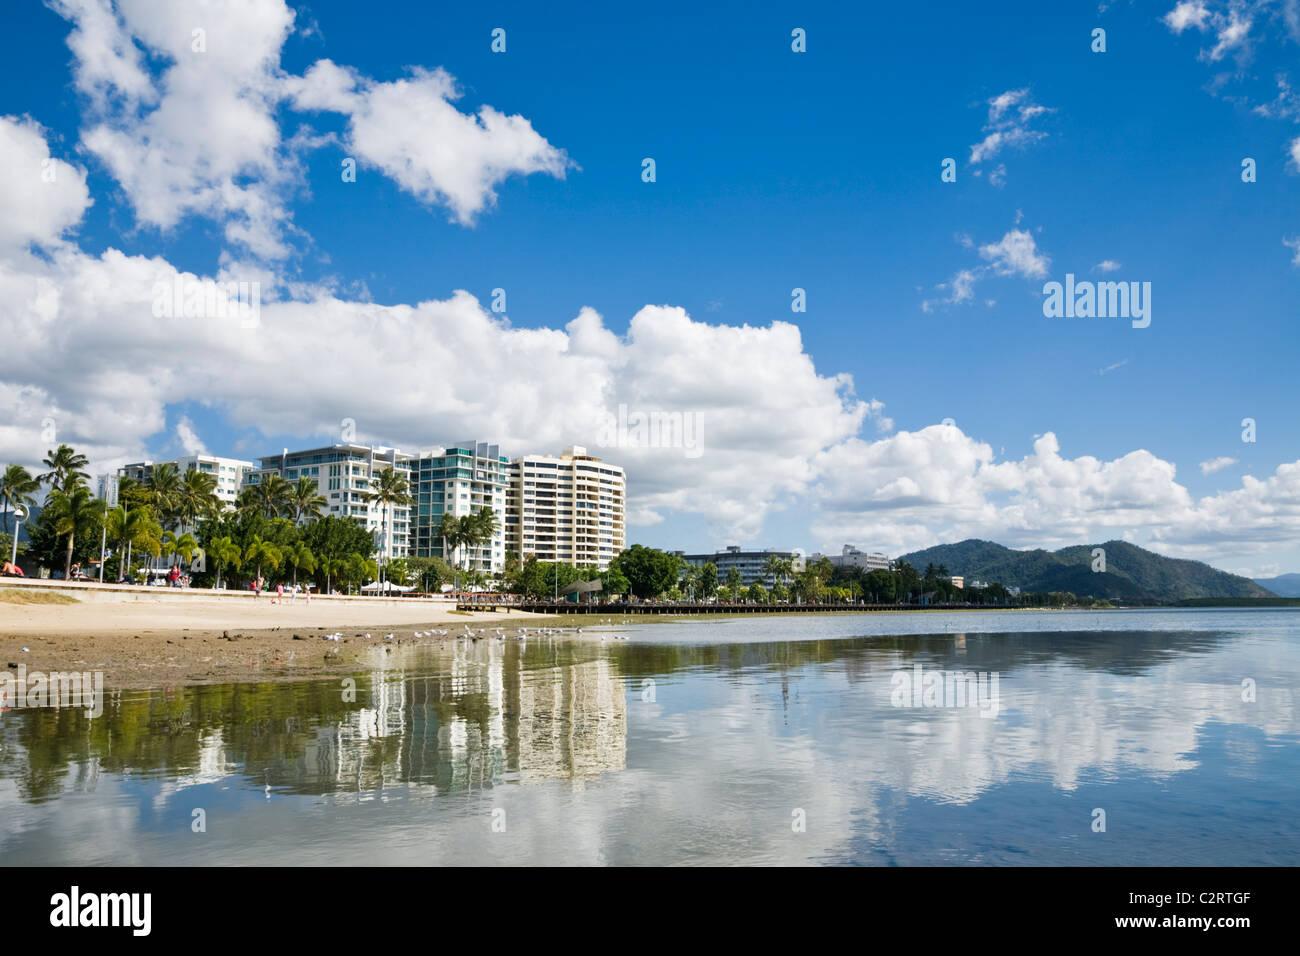 View along the Esplanade. Cairns, Queensland, Australia - Stock Image